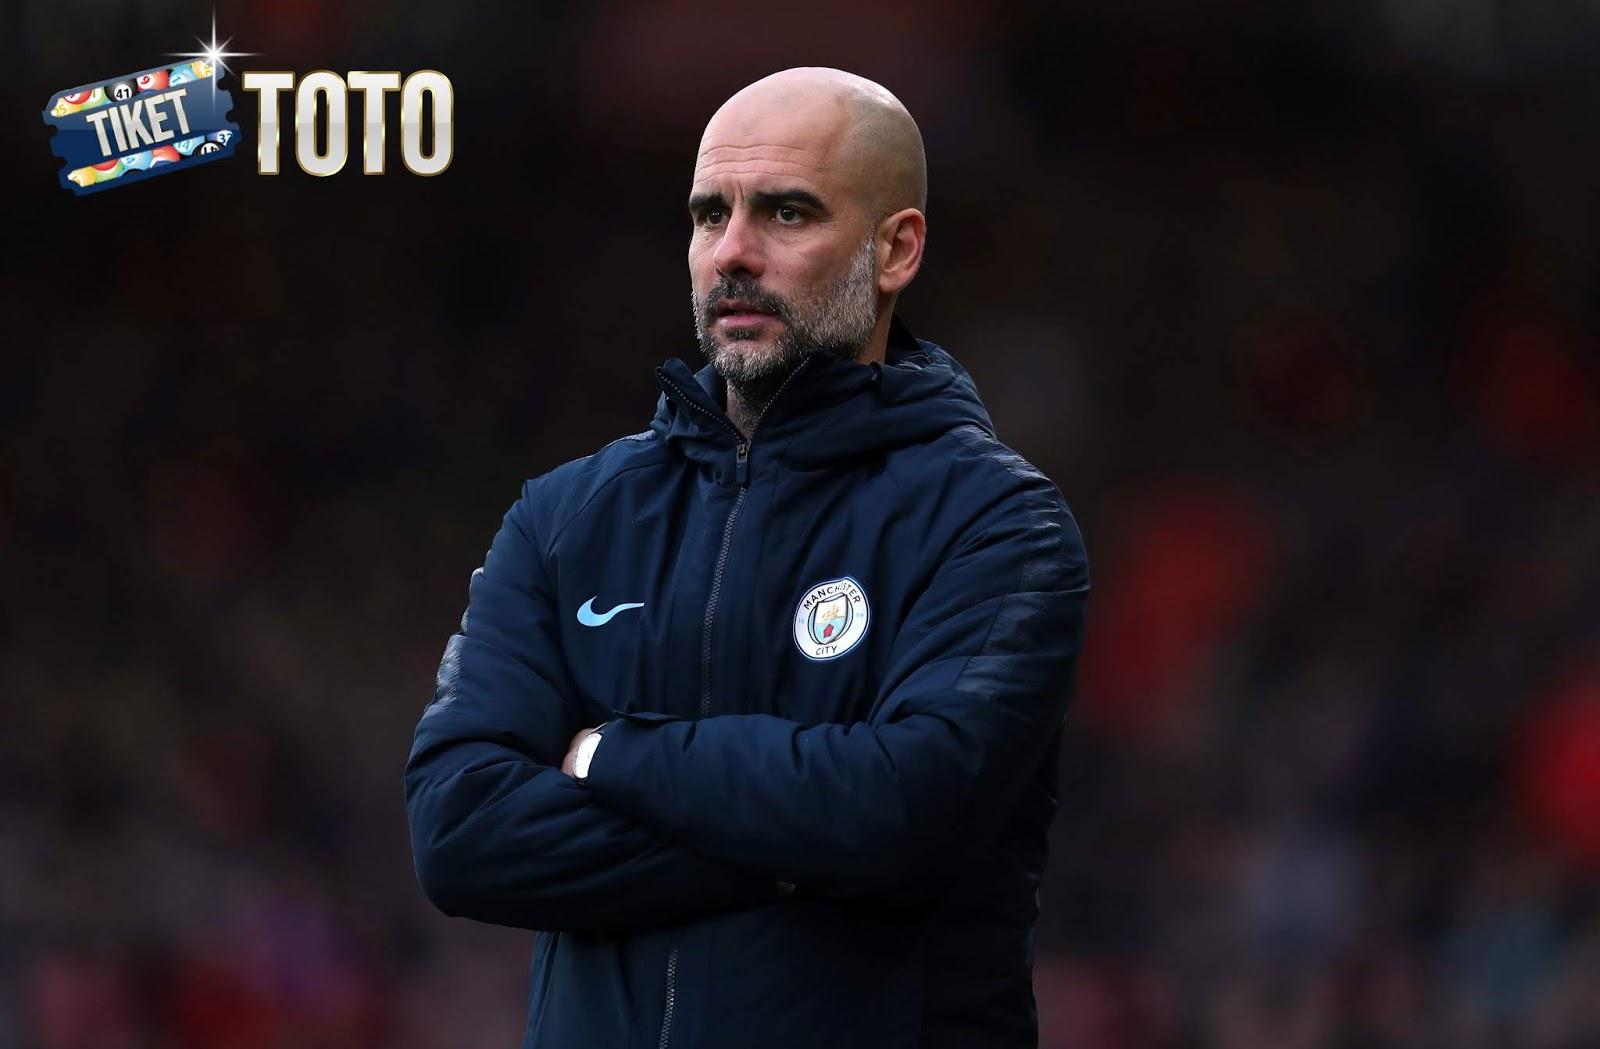 Manchester City Yakin Pep Guardiola Tak Akan Tergoda Kembali Ke Barcelona